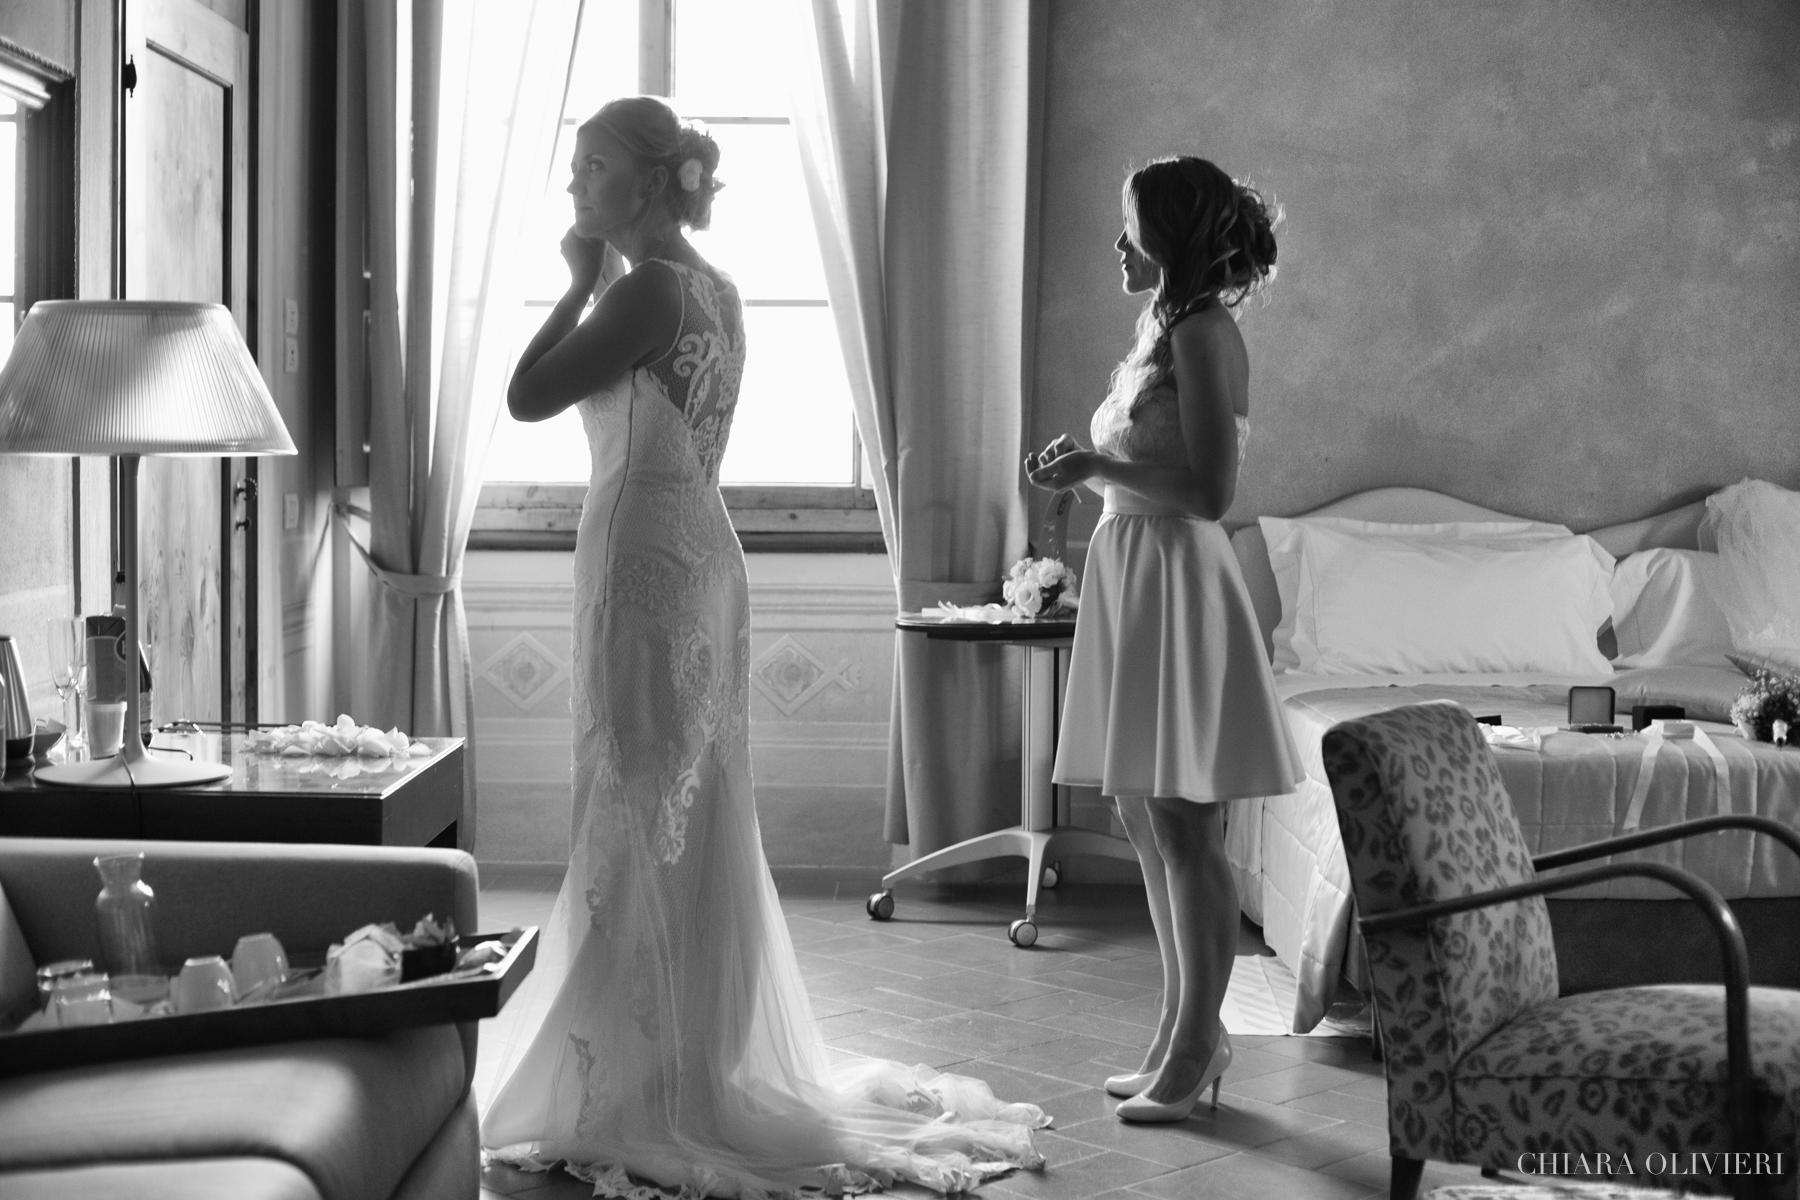 matrimonio-toscana-torredeilari-firenze-8